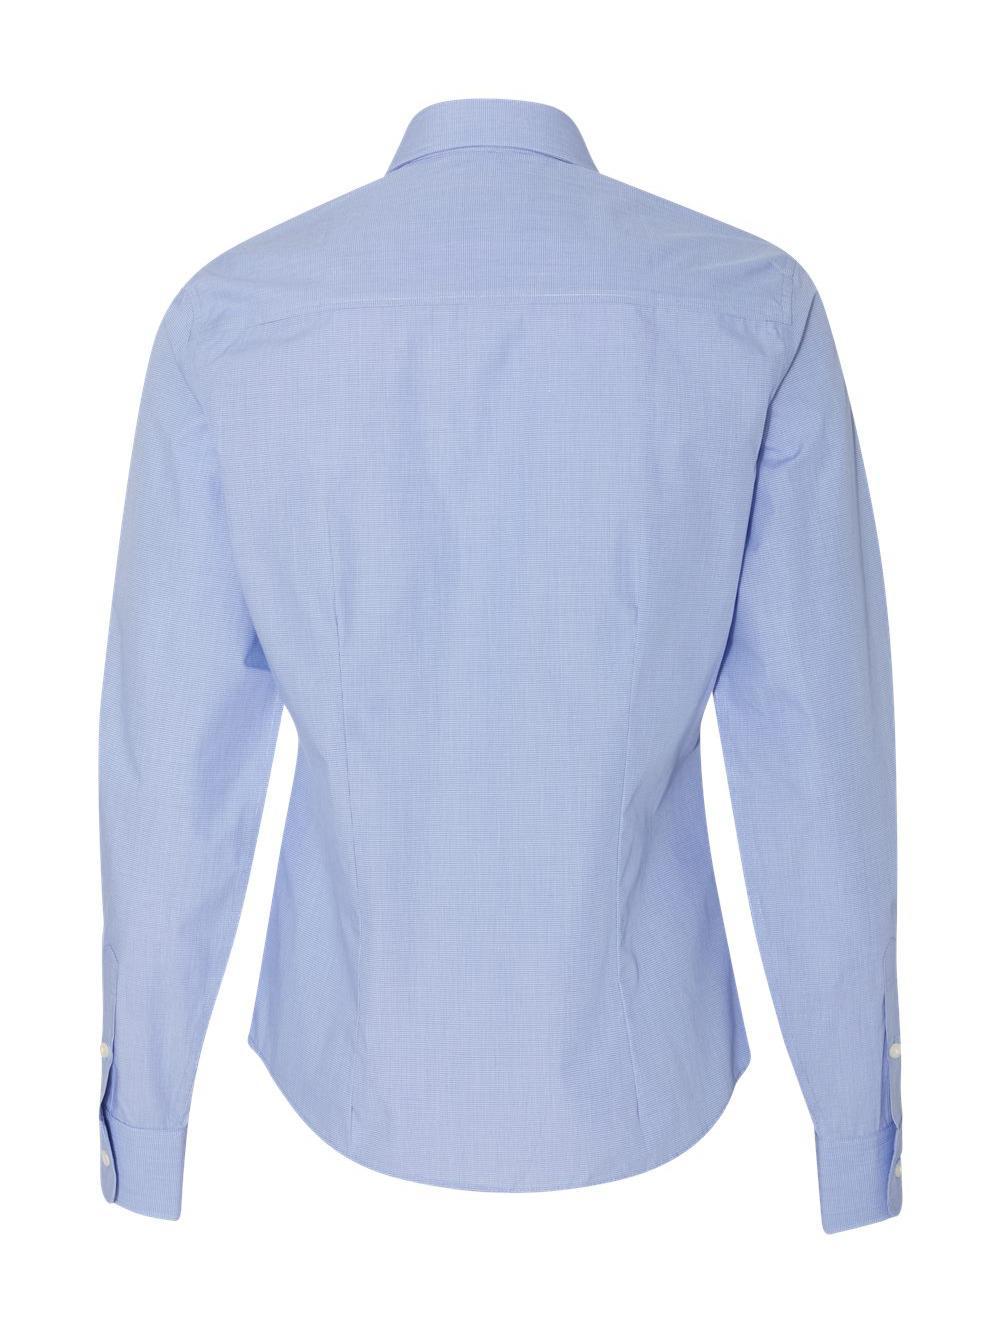 Van-Heusen-Women-039-s-Yarn-Dyed-Mini-Check-Long-Sleeve-Shirt-13V0427 thumbnail 7